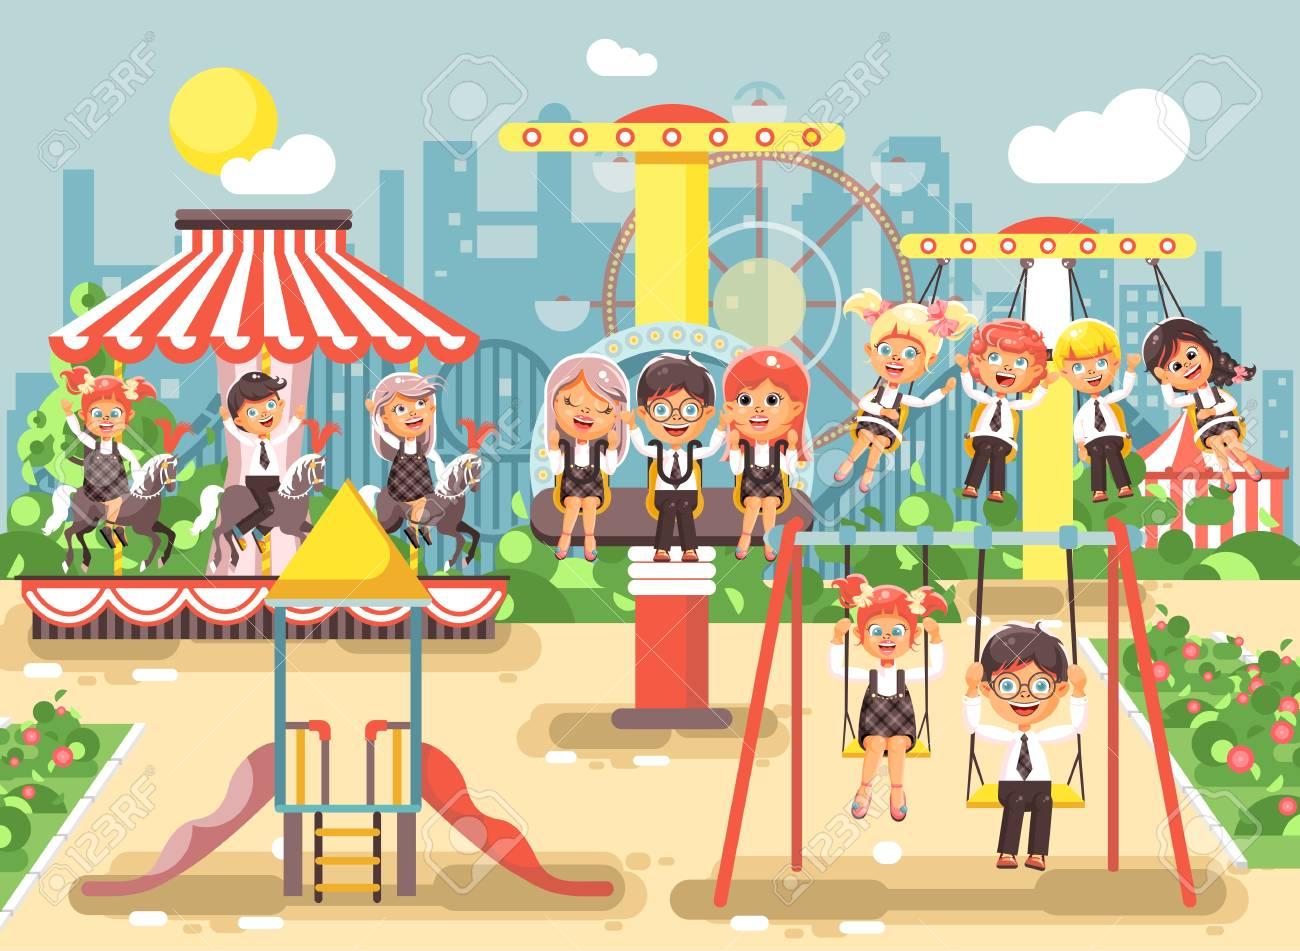 86099779d03 Ilustración De Vector De Stock De Personajes De Dibujos Animados Niños  Colegiales Colegialas Compañeros De Clase Descansando En El Parque De  Atracciones ...